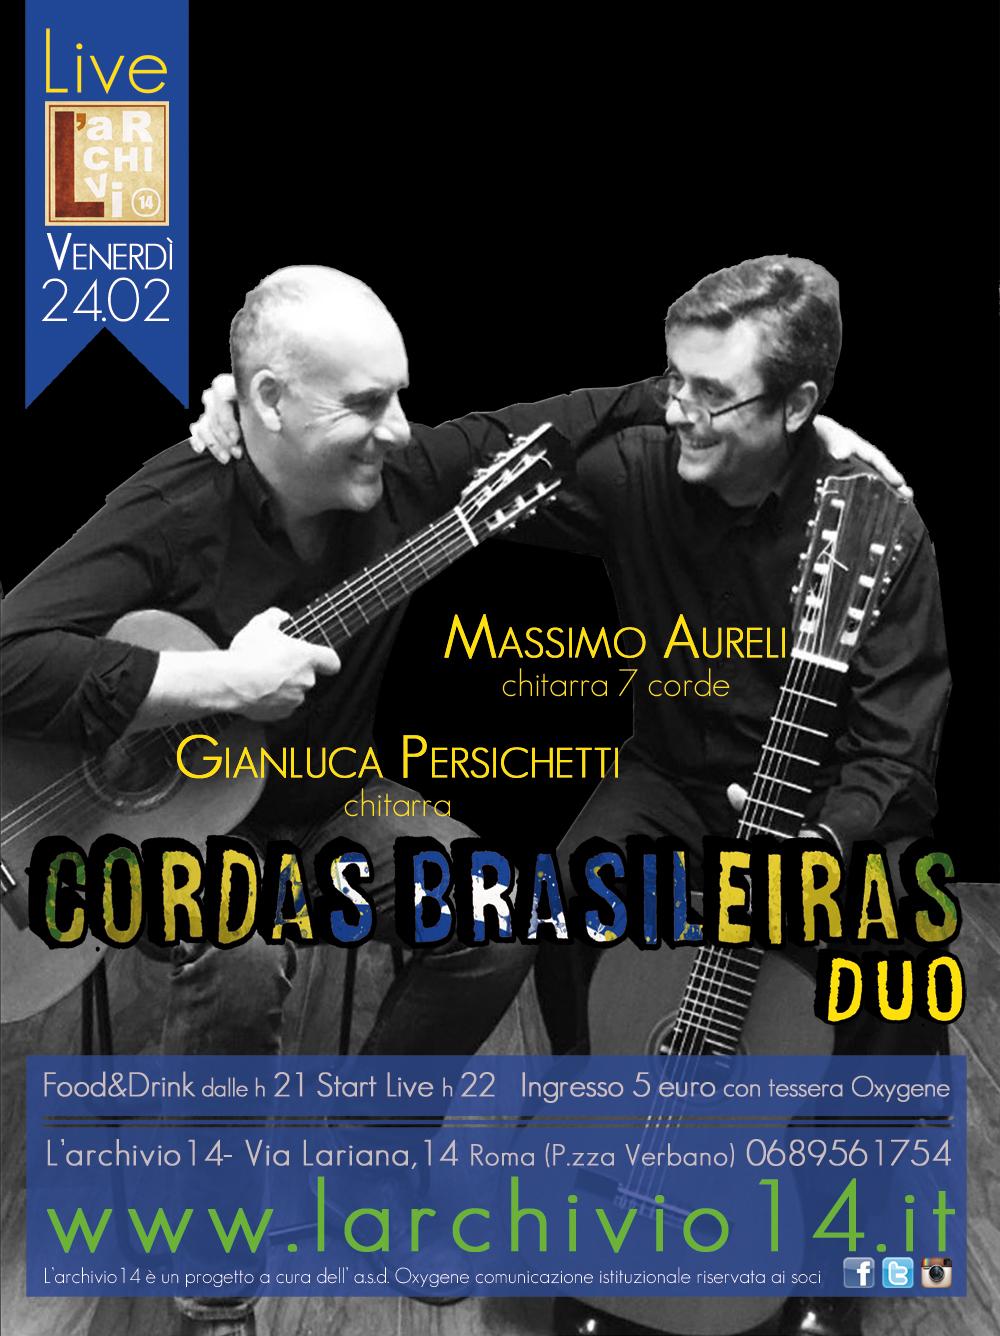 Cordas Brasileiras duo </br> 24 febbraio ore 22